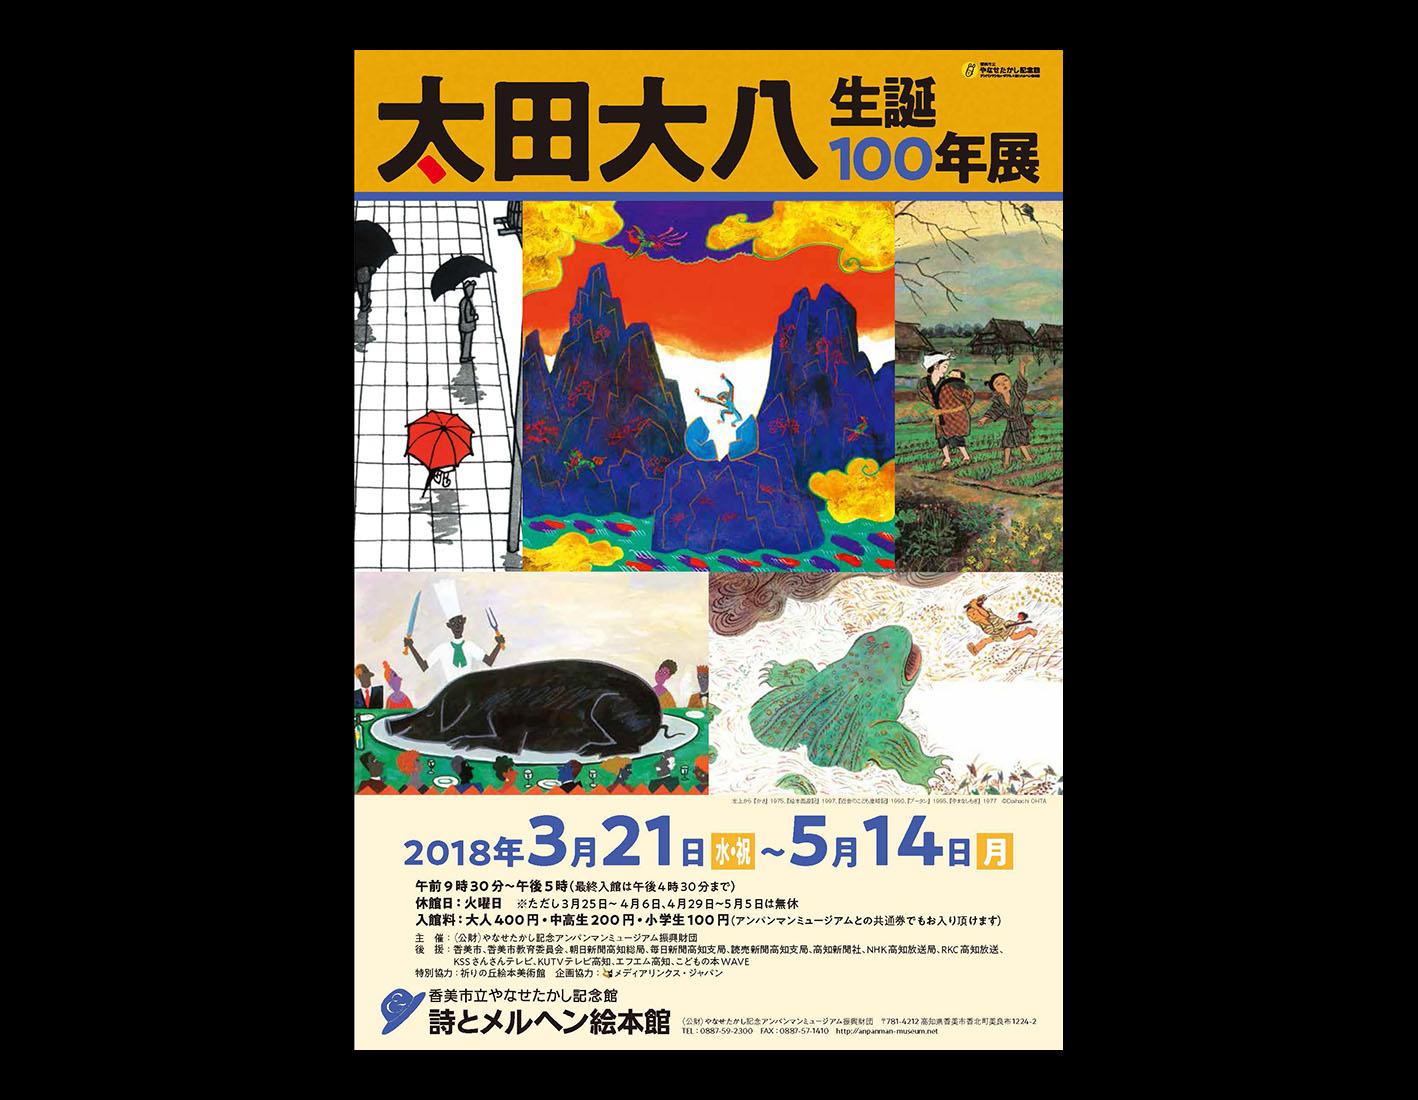 ワークショップも!絵本作家・太田大八氏の展覧会が高知県香美市で開催中